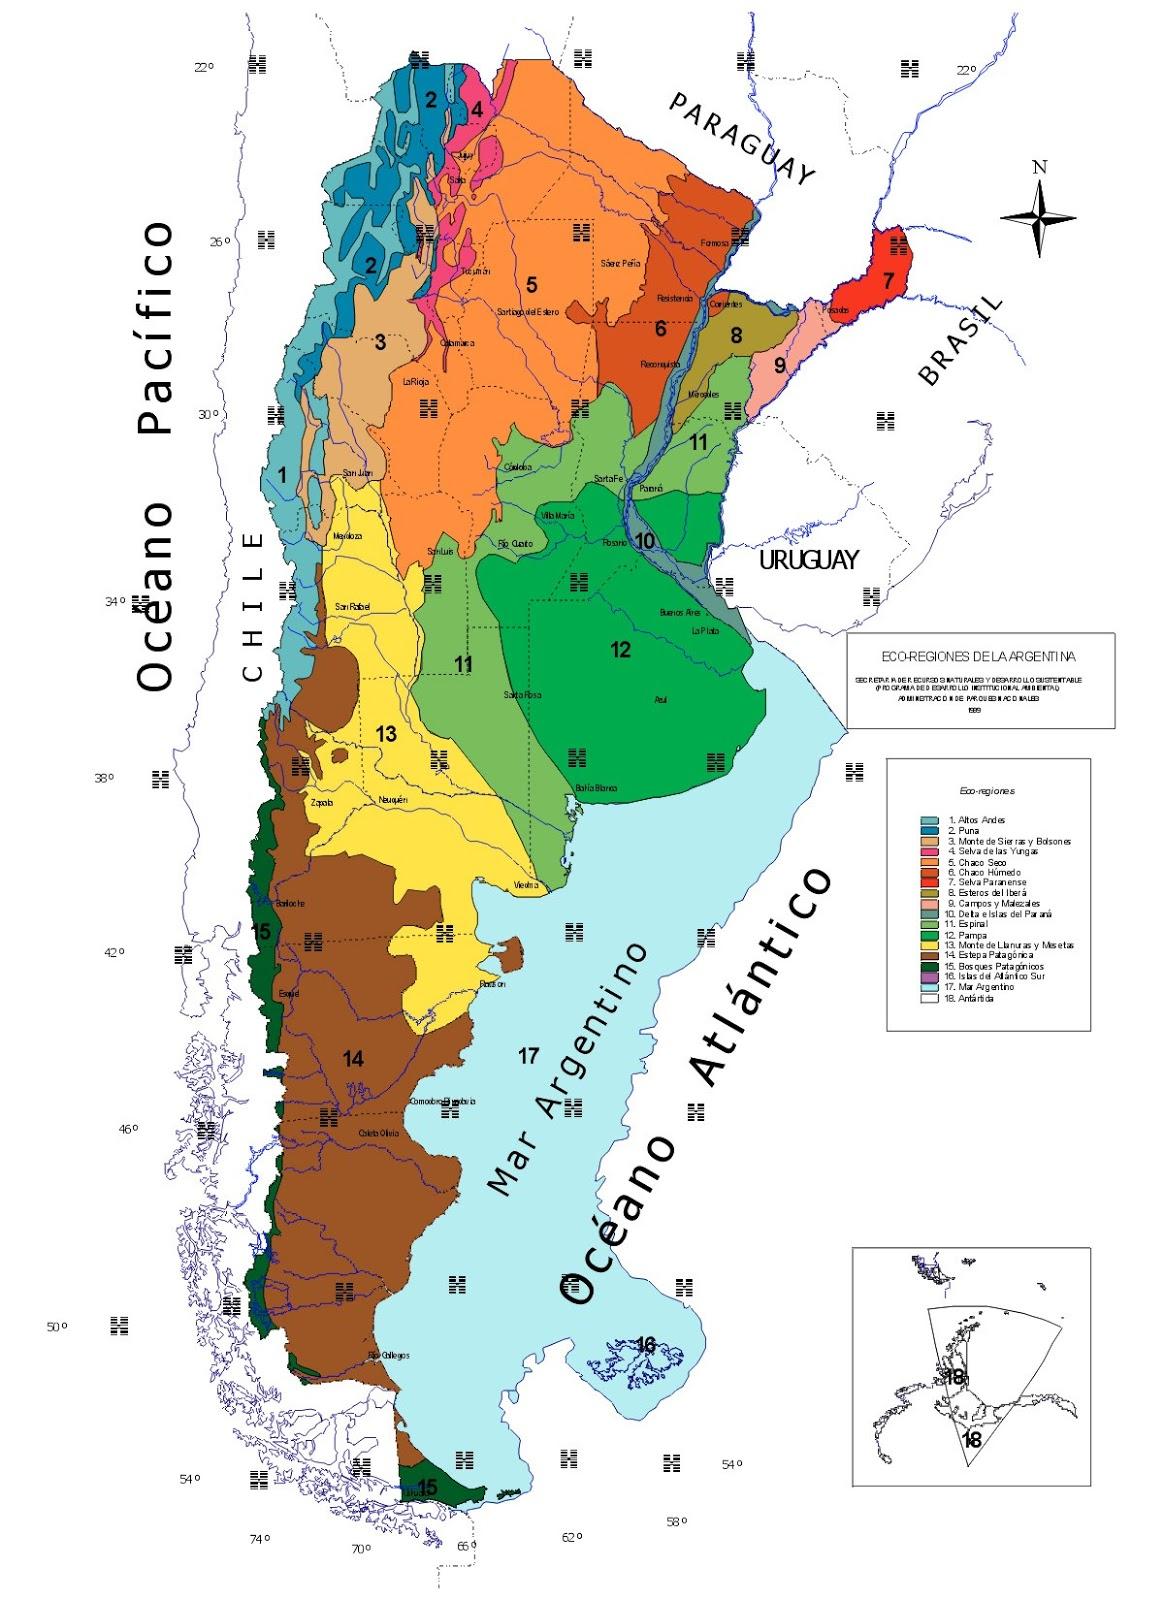 ARGENTINA REGIONAL